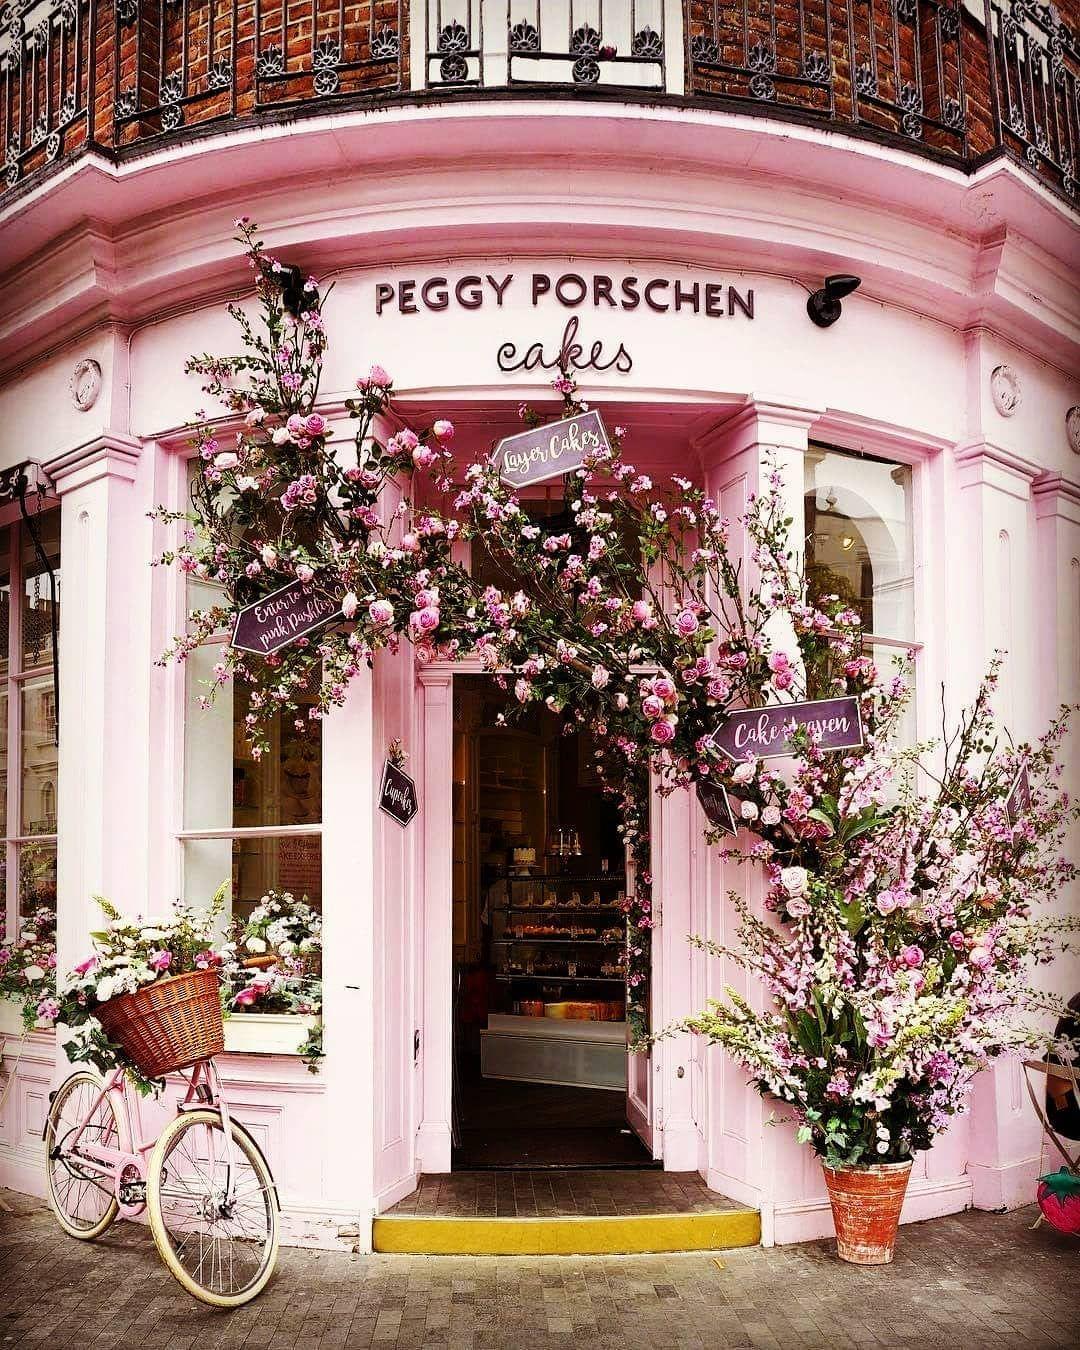 Peggy Porschen Bakery Peggyporschen Bakery London Greatbritain Peggy Porschen Bakery Peggyporschen Bakery Chelsea Flower Show Chelsea Flower Flower Show